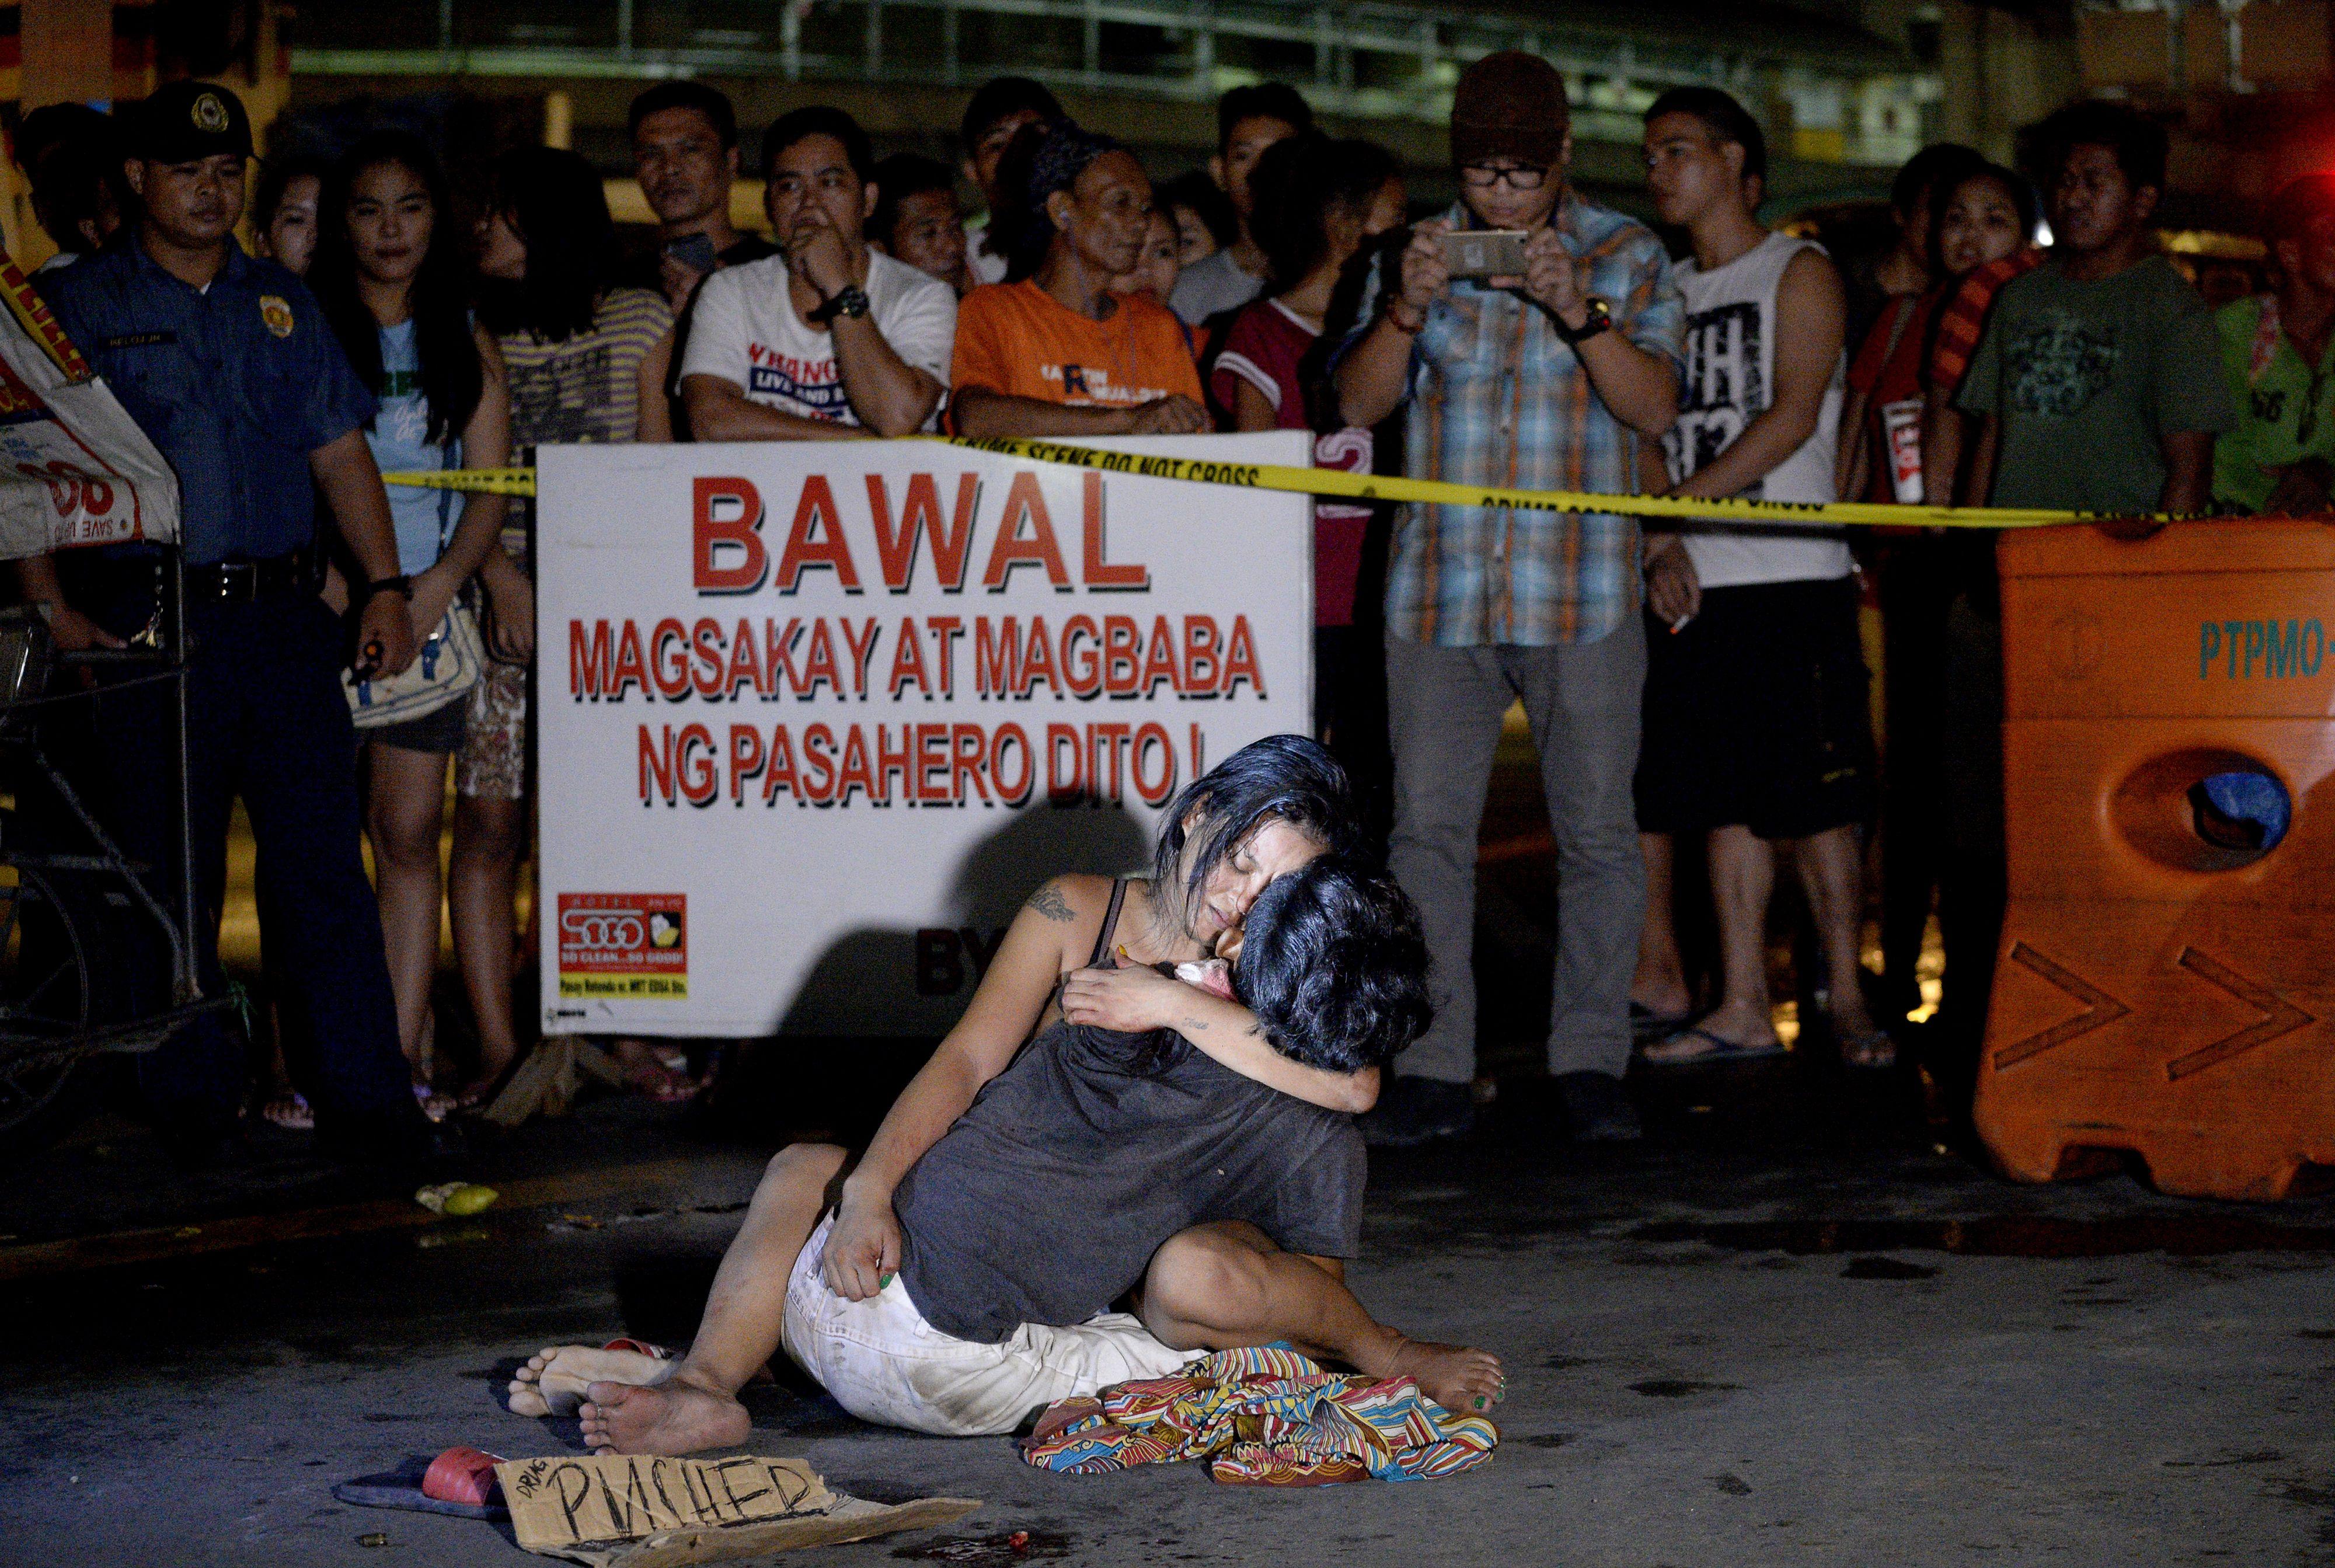 Már több mint félezer halottja van a Fülöp-szigeteki drogellenes vérfürdőnek